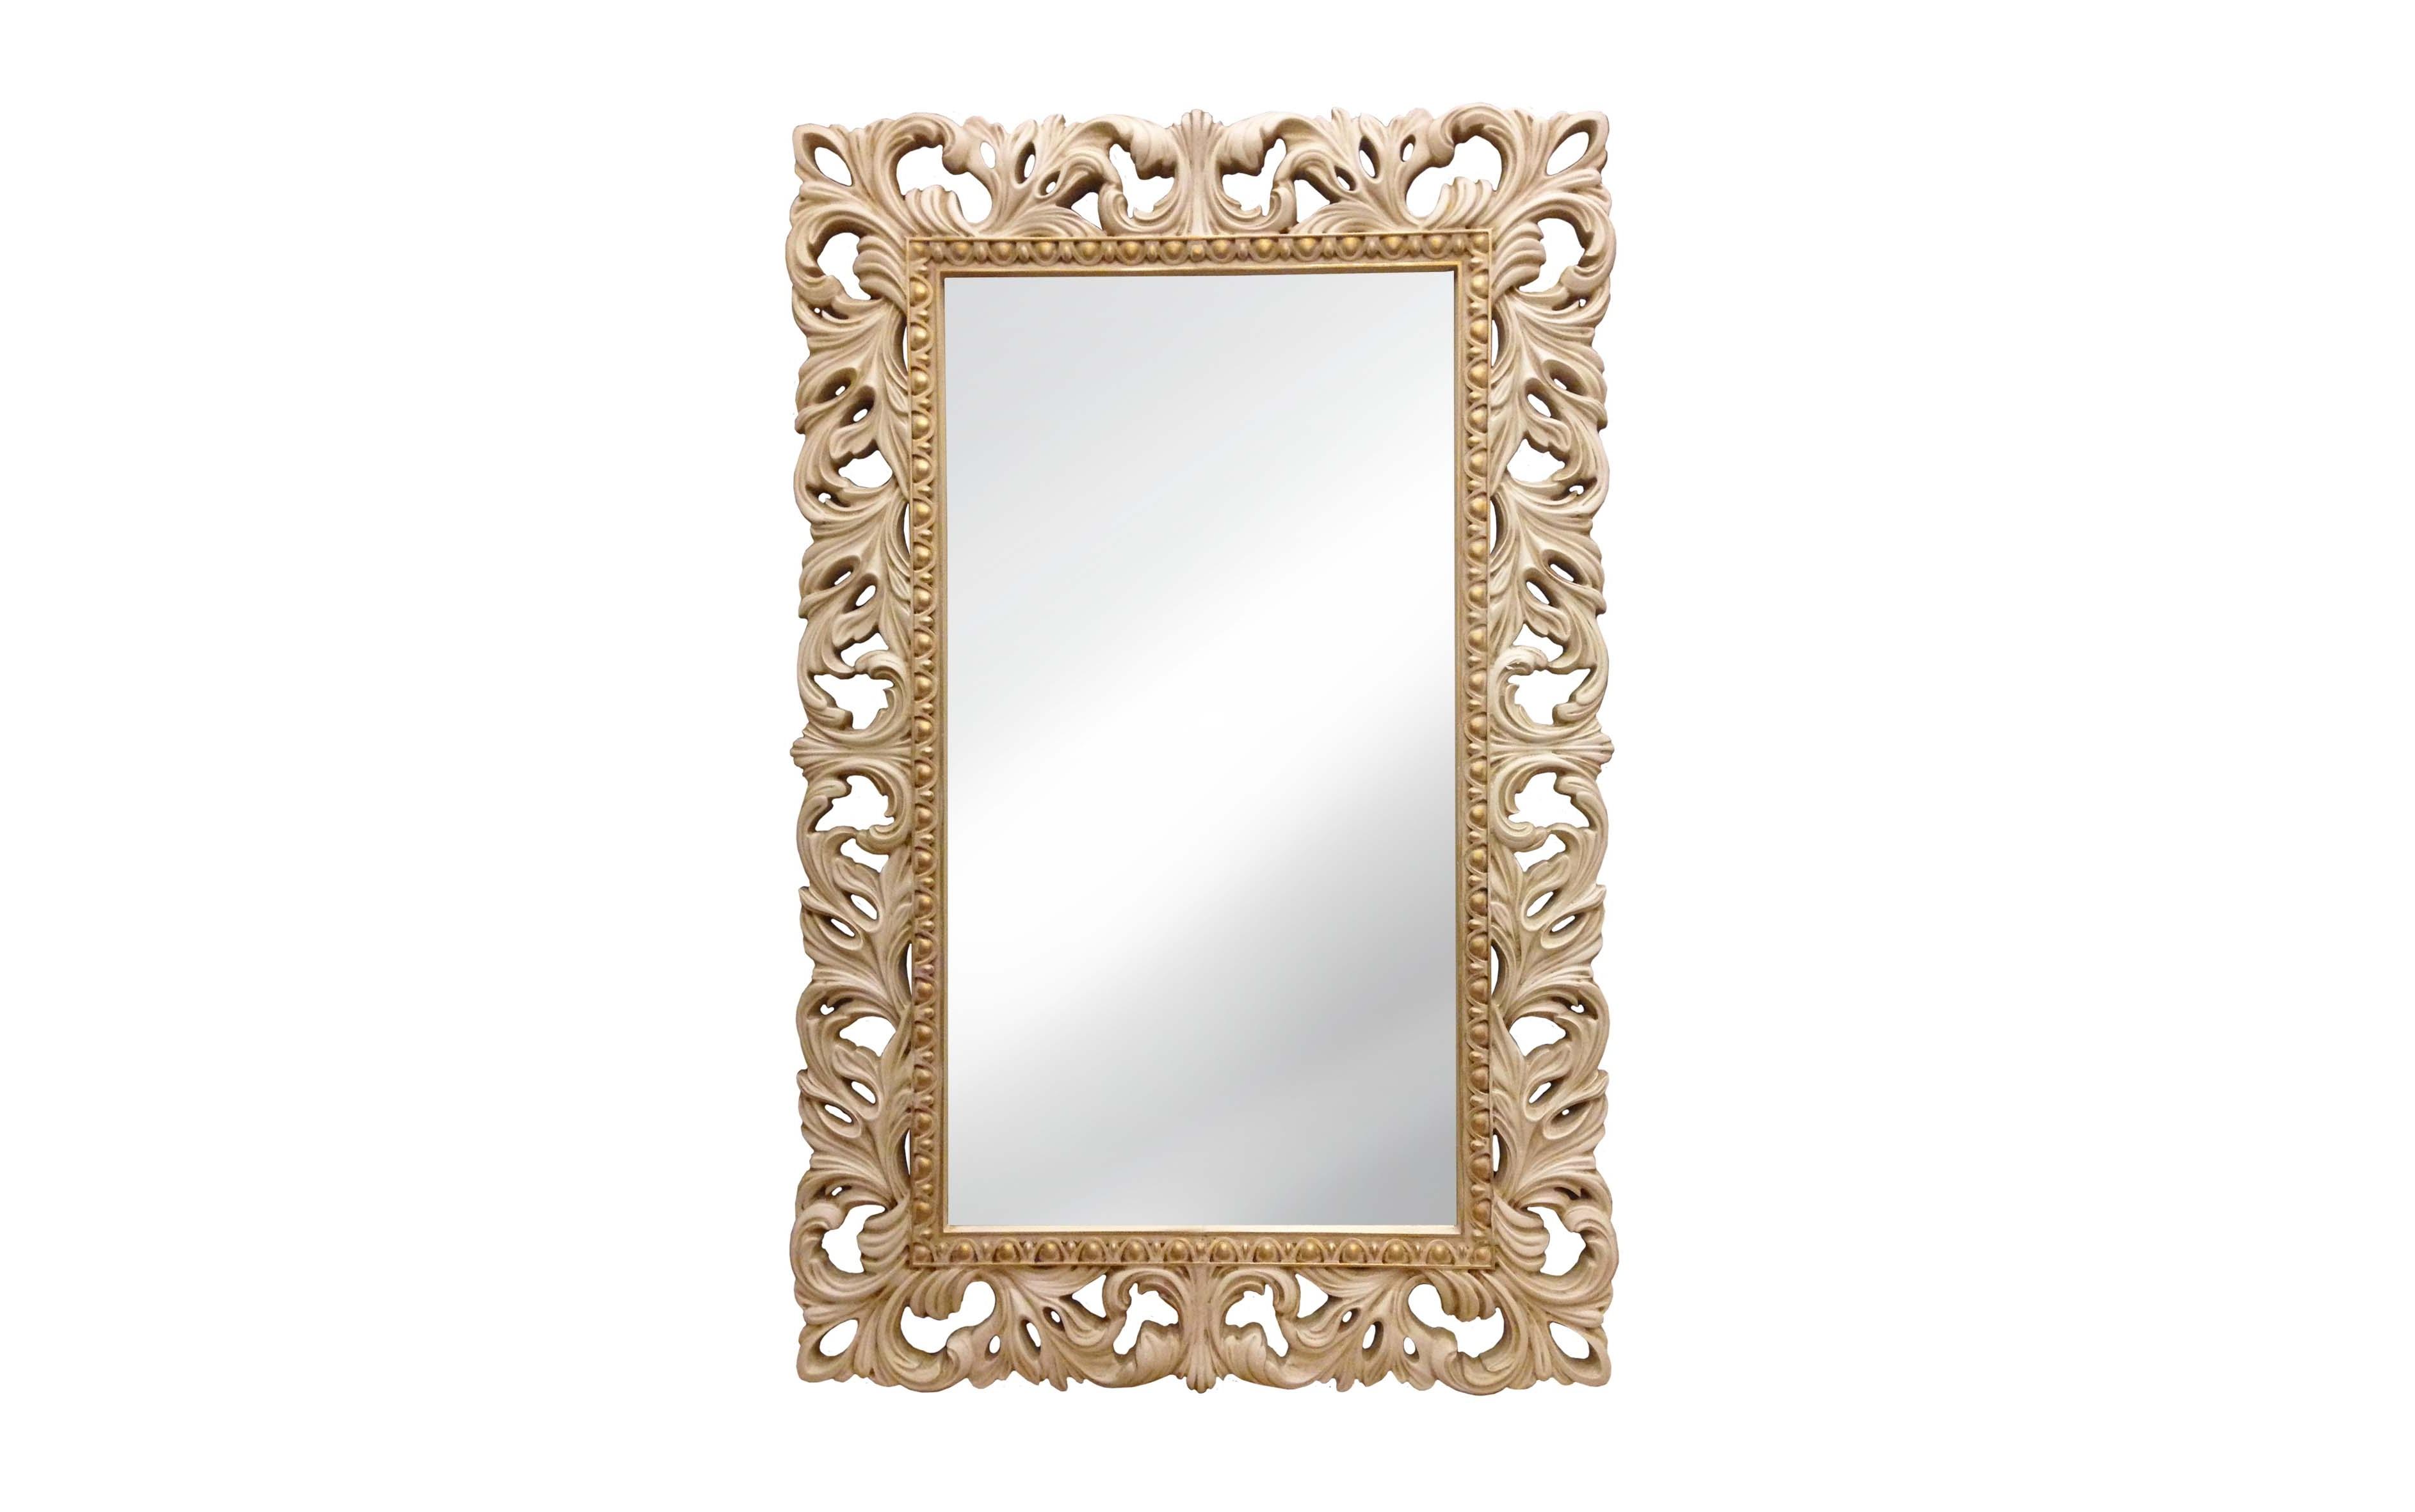 Винтажное Итальянское ЗеркалоНастенные зеркала<br>&amp;lt;div&amp;gt;Это зеркало с резной чудесной рамой ? отличное украшение для девичьей комнаты, дамского будуара, да и любого помещения в светлых тонах, в классическом стиле или духе Прованса. Сложное окрашивание и искусственное состаривание придают особый колорит. А в качестве материала для рамы используется мебельный пенополиуретан, очень практичный, твердый, стойкий к воздействию влаги.&amp;lt;/div&amp;gt;&amp;lt;div&amp;gt;&amp;lt;br&amp;gt;&amp;lt;/div&amp;gt;&amp;lt;div&amp;gt;Цвет:&amp;amp;nbsp;Слоновая кость Золото Патина&amp;lt;/div&amp;gt;<br><br>Material: Полиуретан<br>Length см: None<br>Width см: 63<br>Depth см: 4<br>Height см: 95